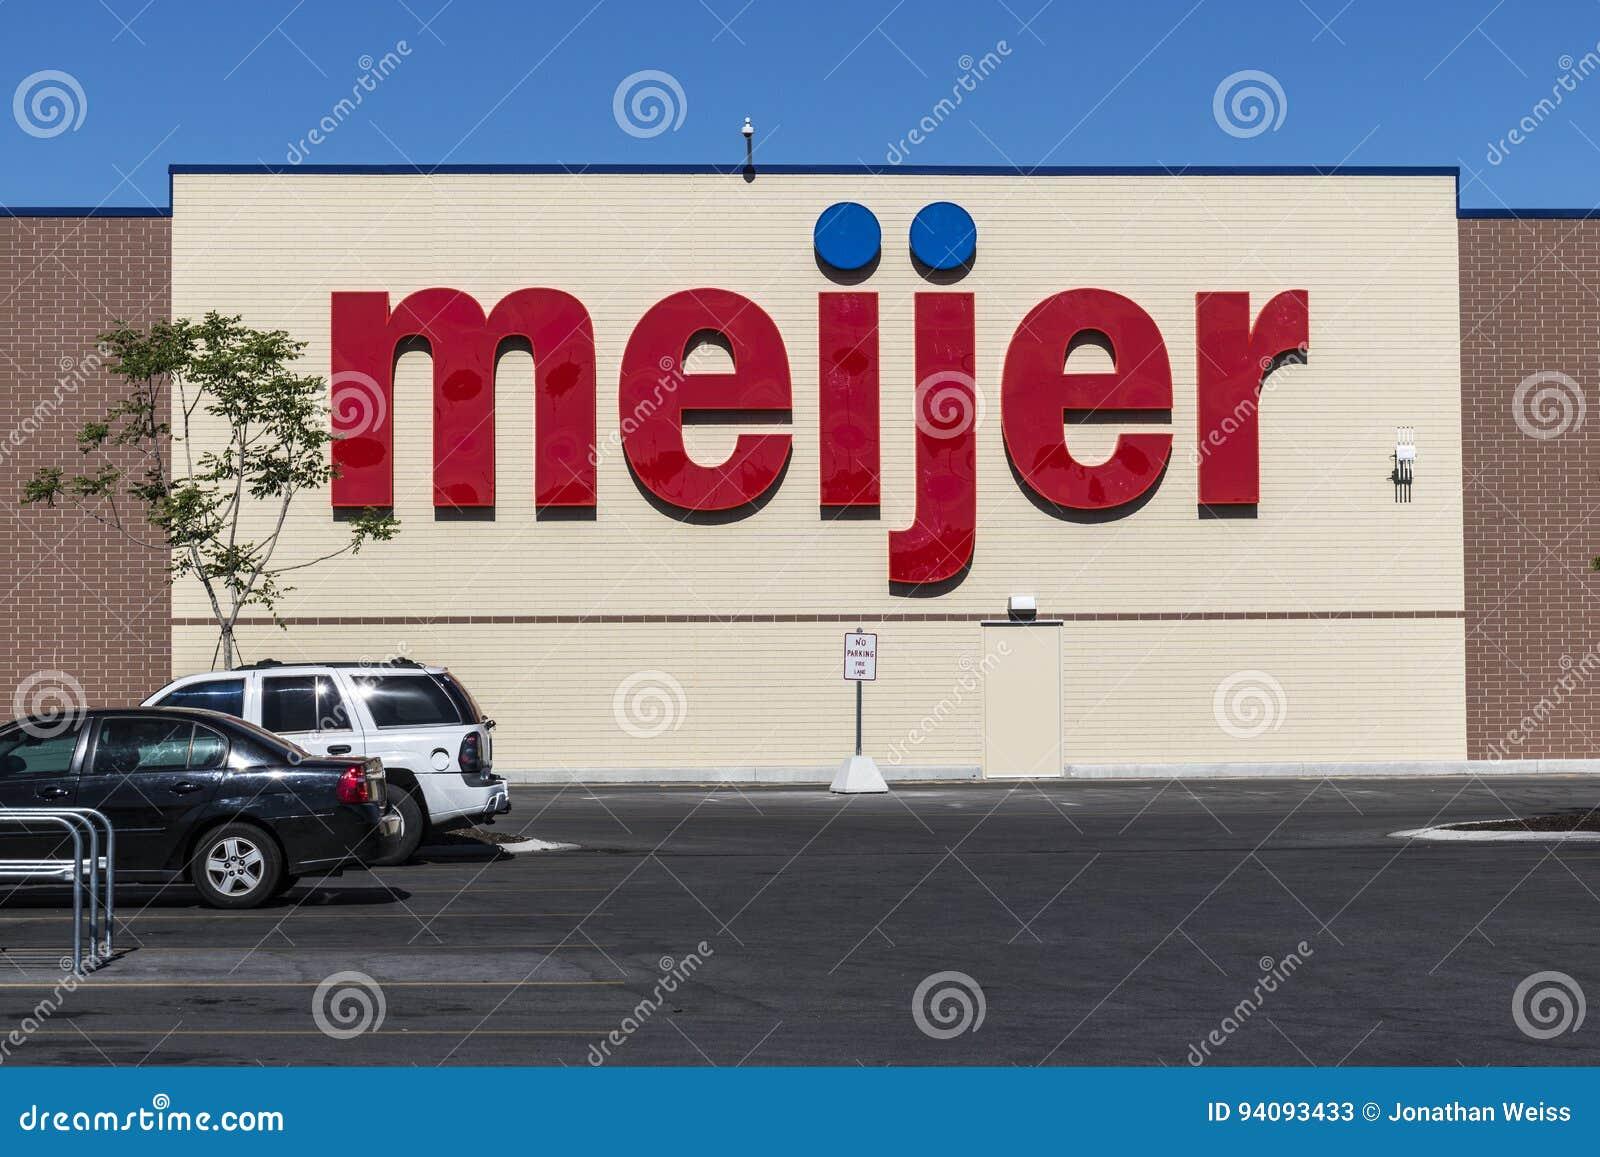 Τον Ιούνιο του 2017 της Ινδιανάπολης - Circa: Λιανική θέση Meijer Το Meijer είναι μεγάλος λιανοπωλητής τύπων supercenter με πάνω